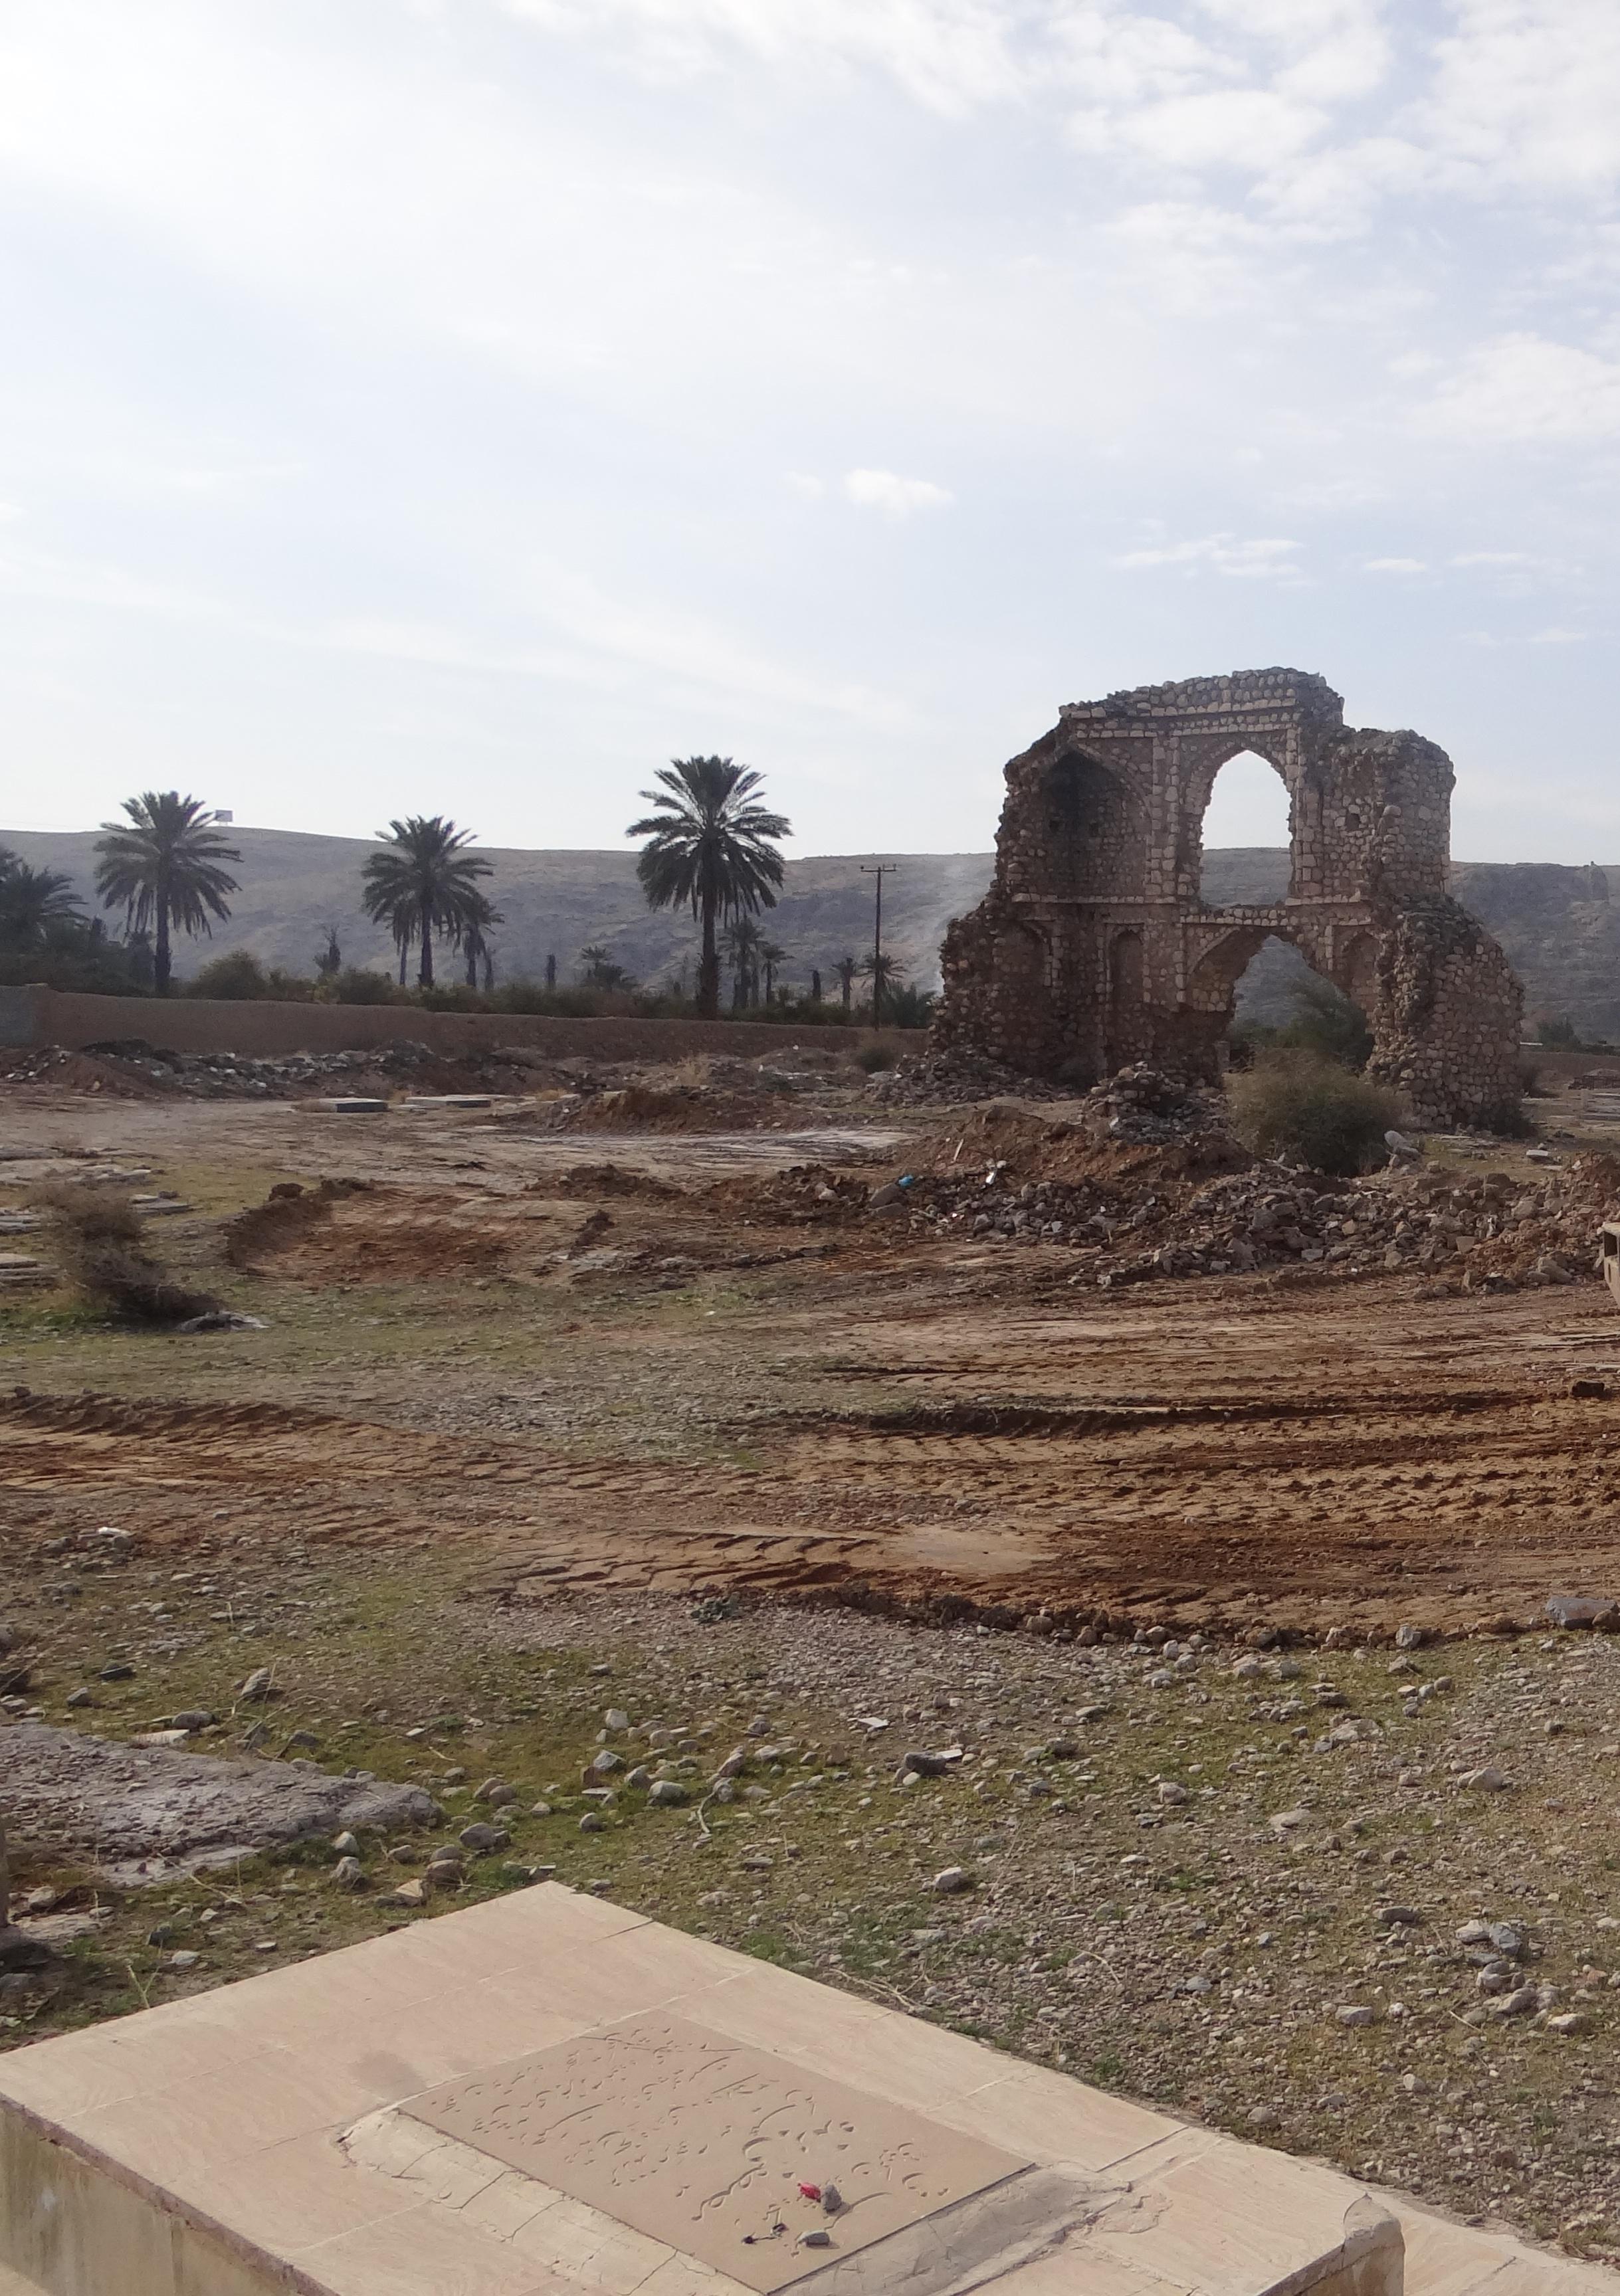 روایت تاریخی صحرای پوشنج و بنای خواجه معین الدین منصور در عهد صفوی